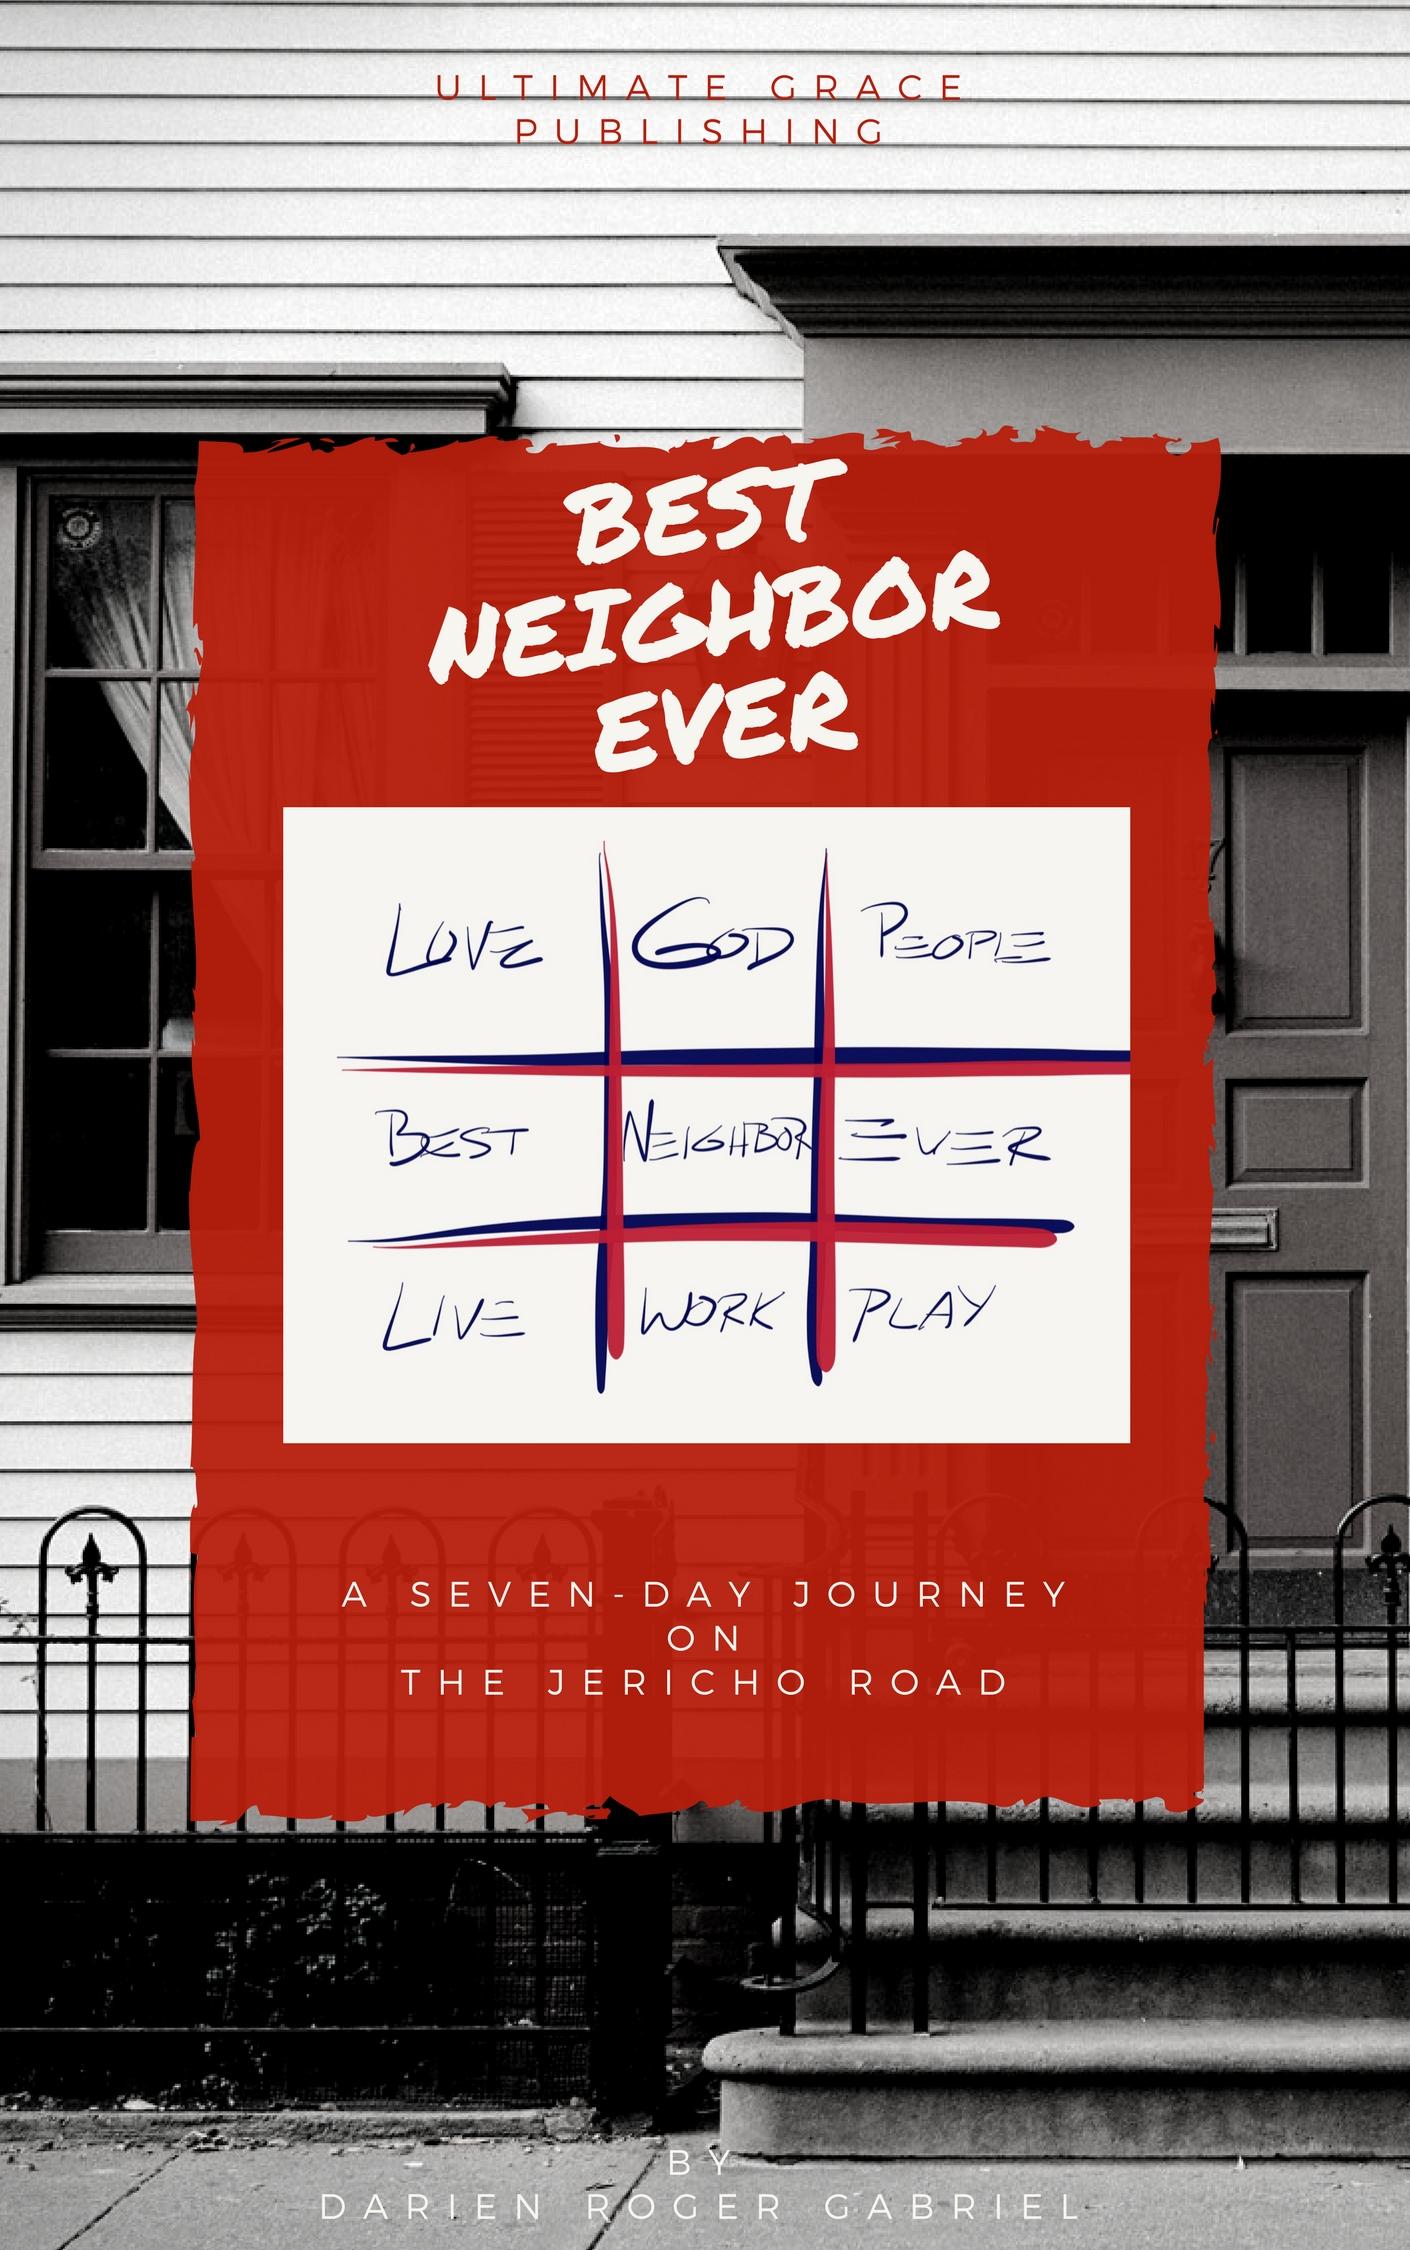 The Best Neighbor Ever.jpg